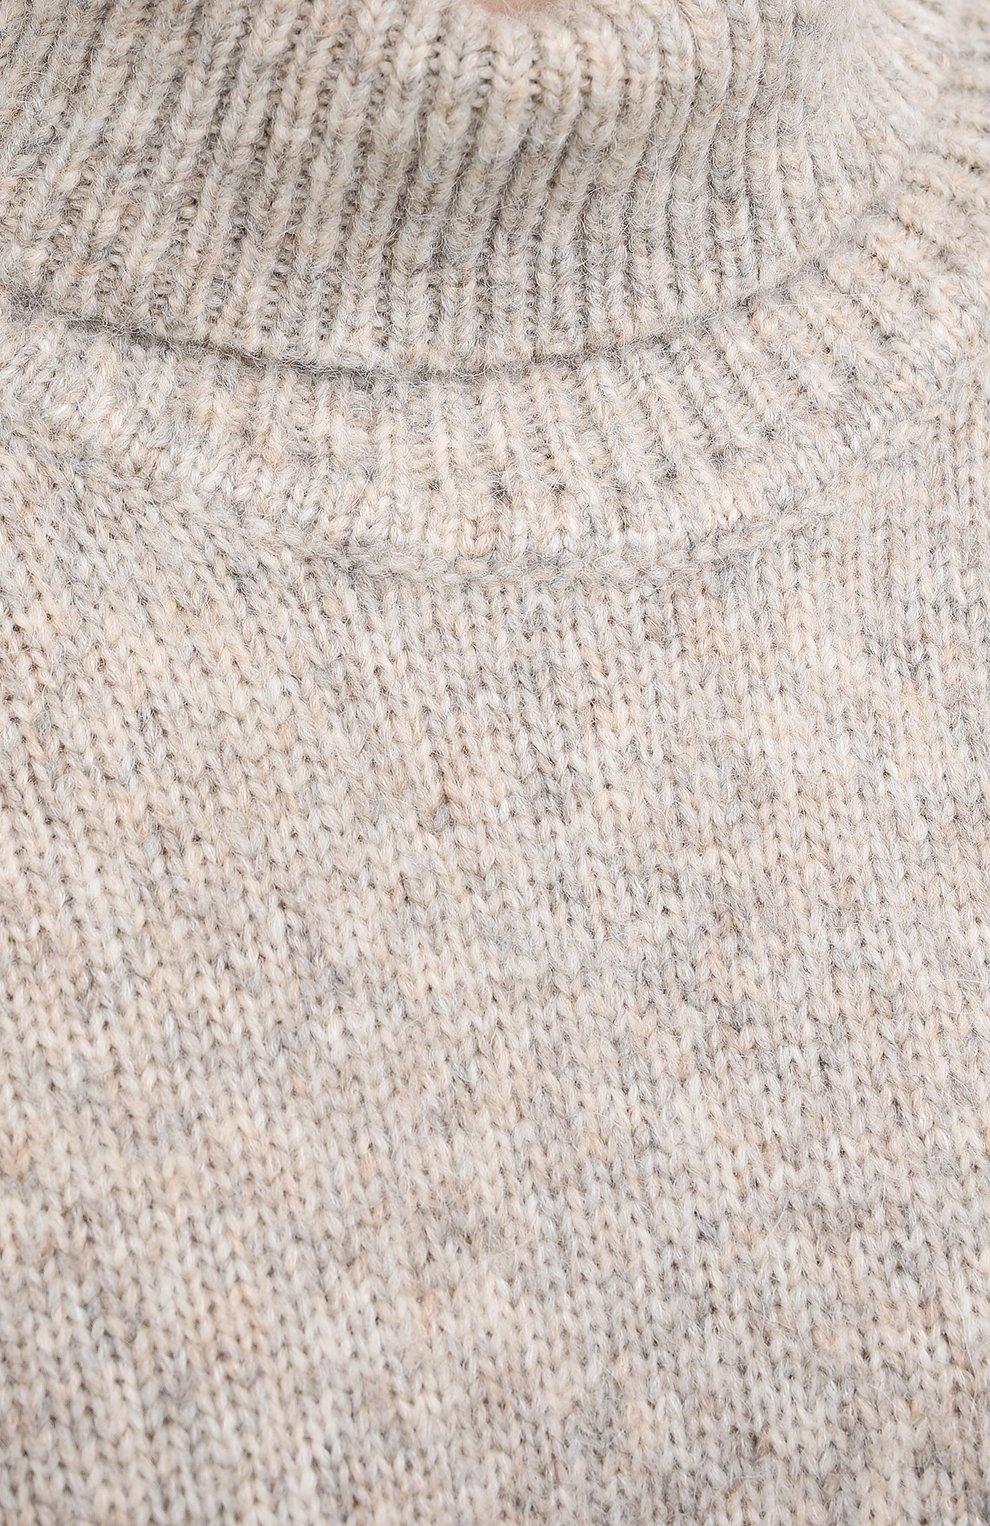 Женский шерстяной свитер TOTÊME светло-серого цвета, арт. RAVENNA 203-584-764 | Фото 5